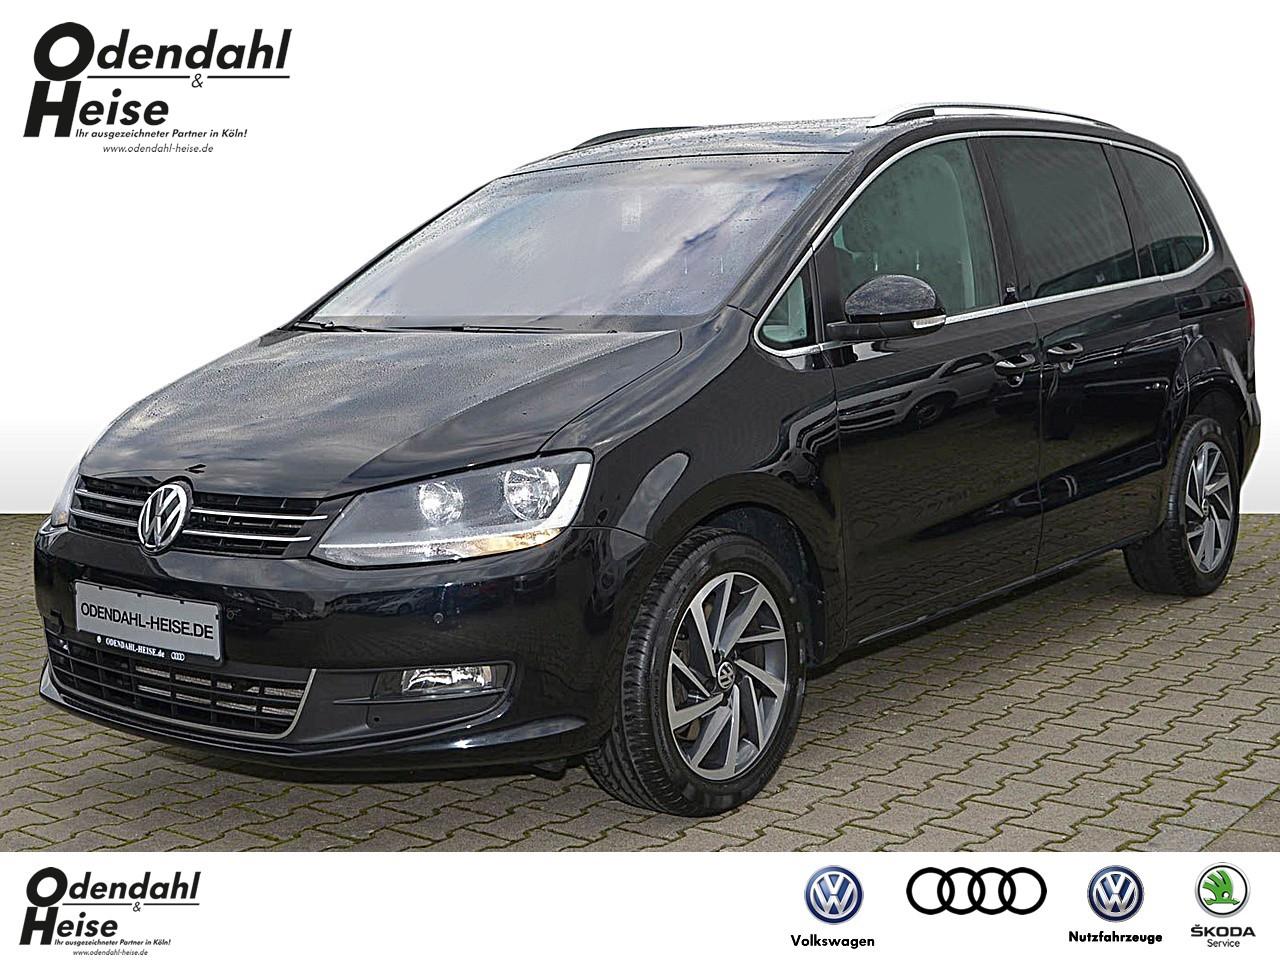 Volkswagen Sharan 2,0 l TDI DSG SOUND Comfortline Klima, Jahr 2017, Diesel